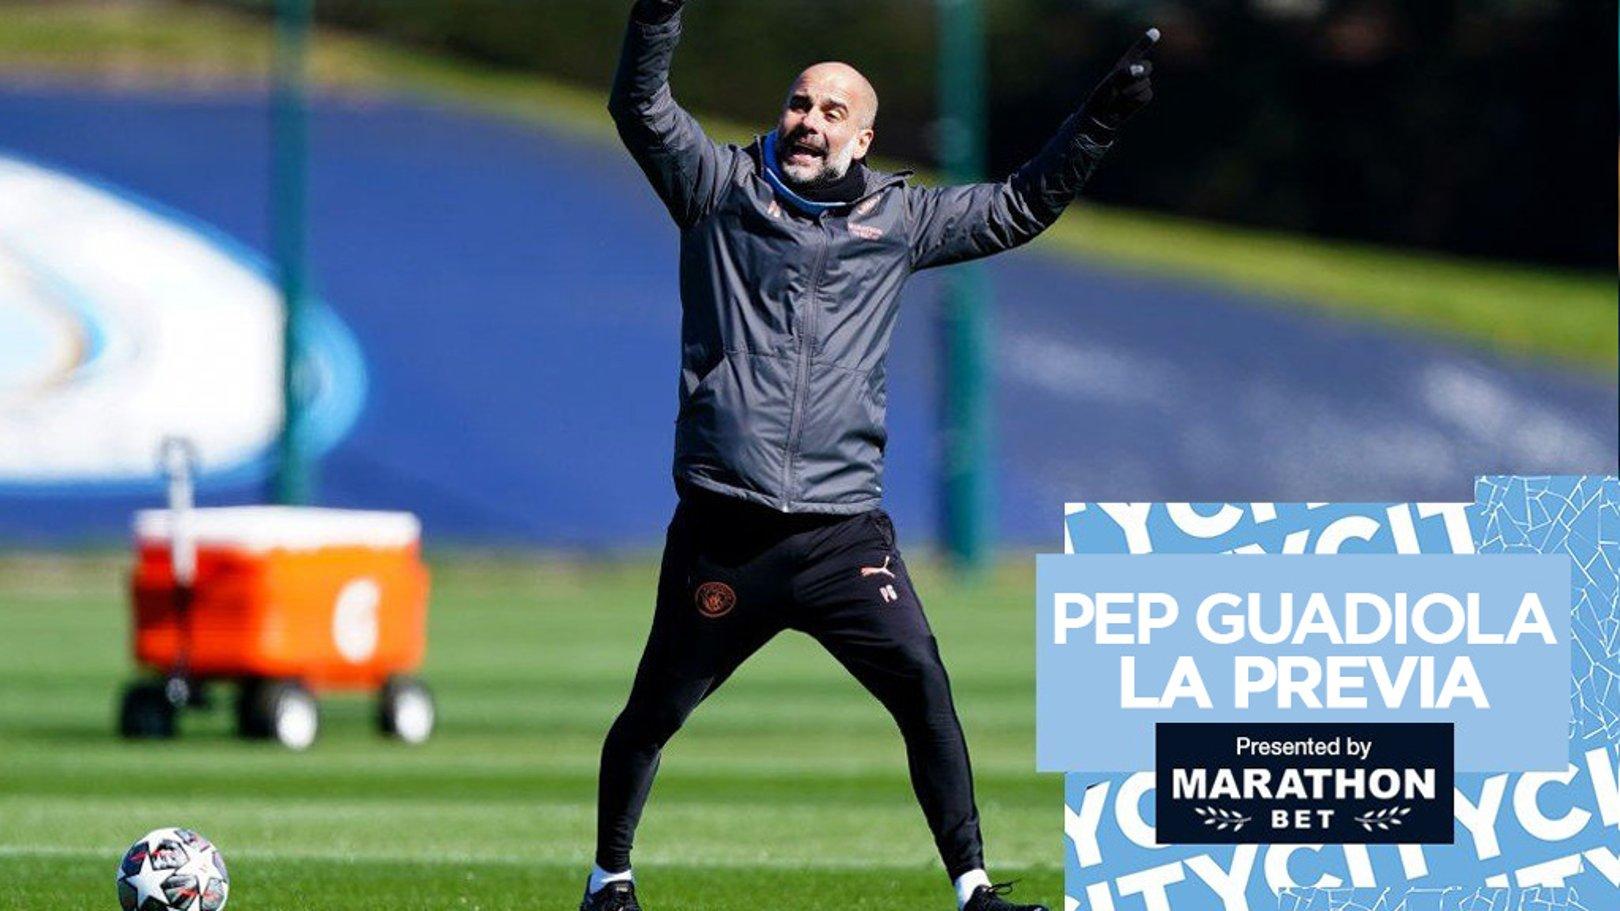 """Guardiola: """"La renovación de De Bruyne es un gran éxito para el Club"""""""